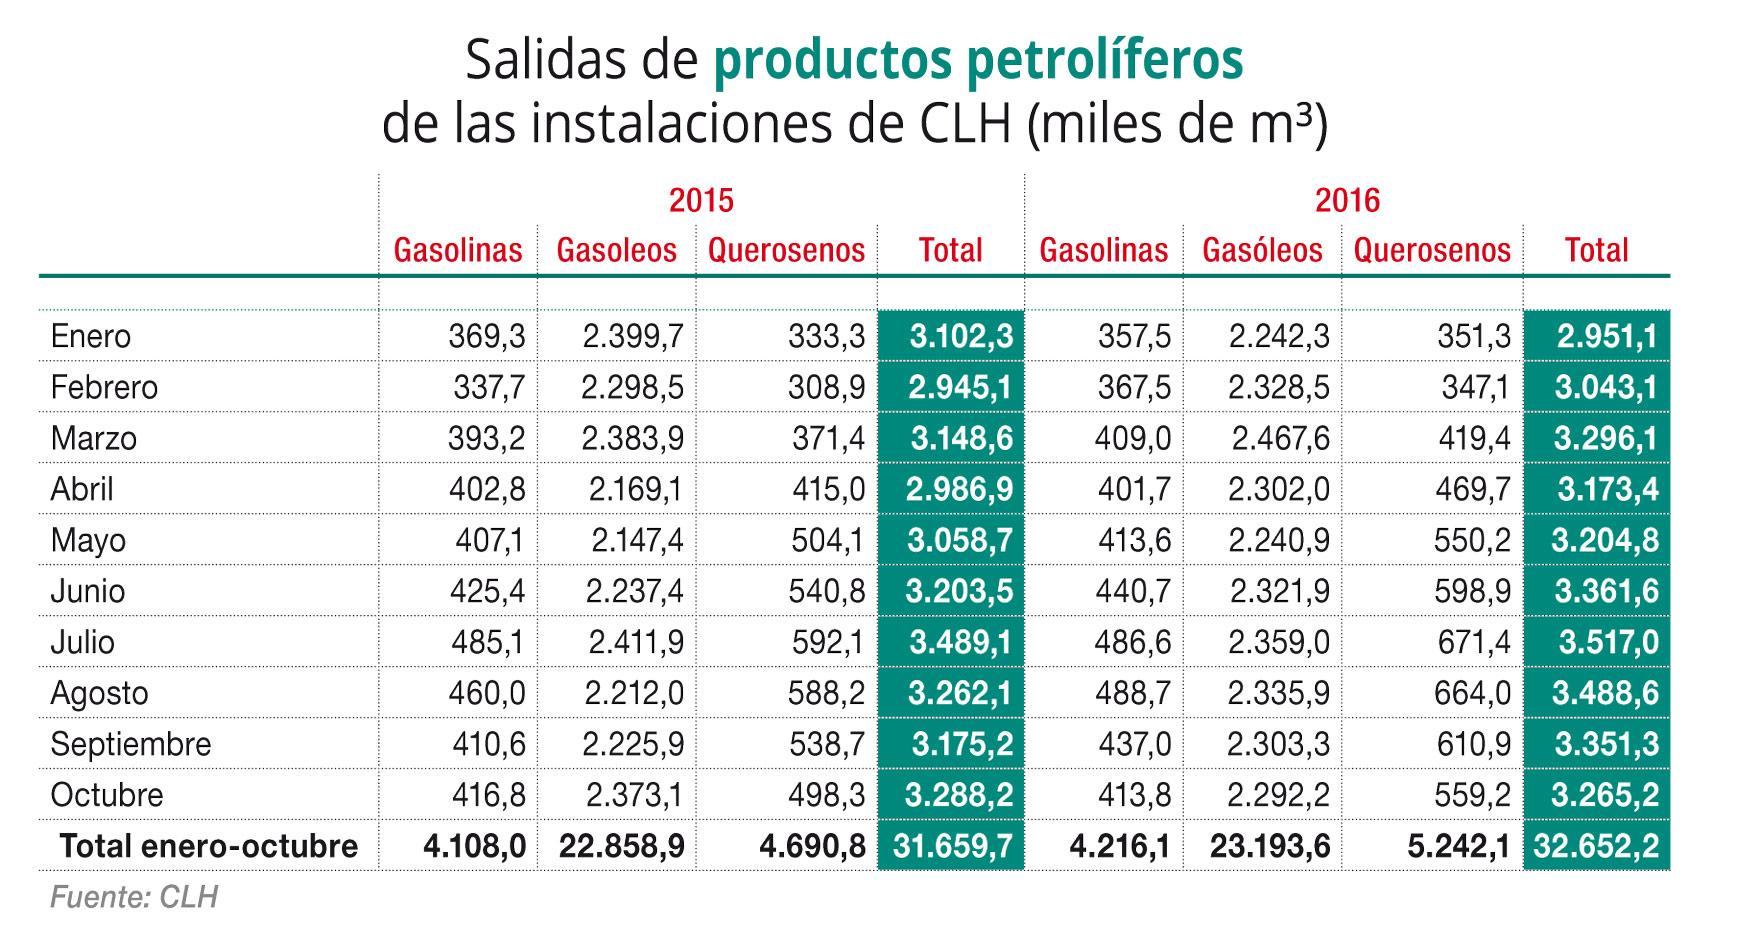 Salidas de productos petrolíferos de las plantas de CLH